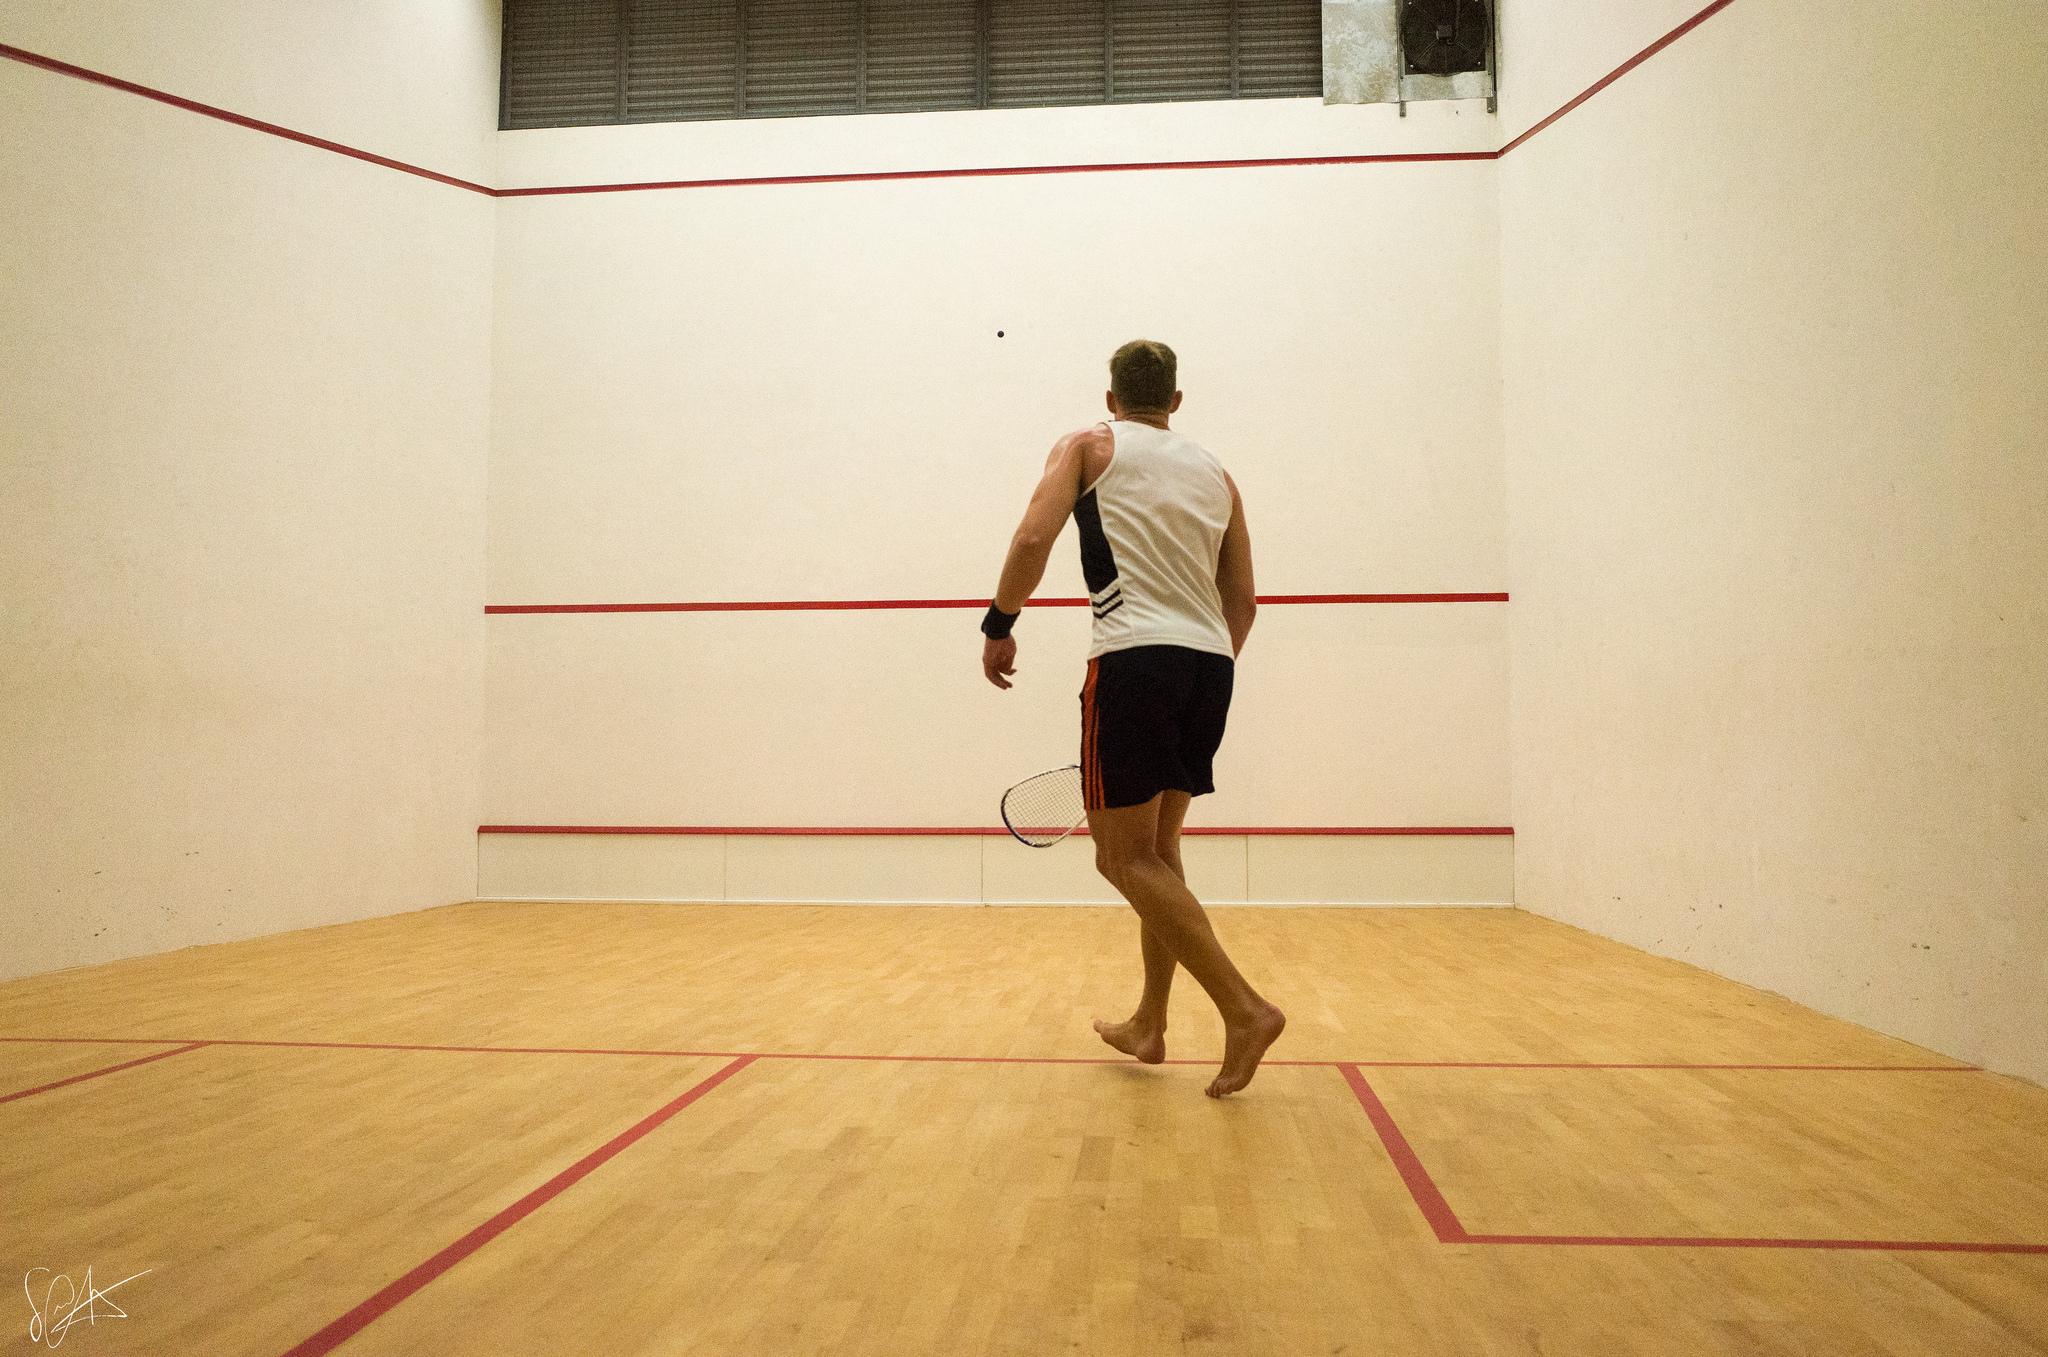 En squash-spiller